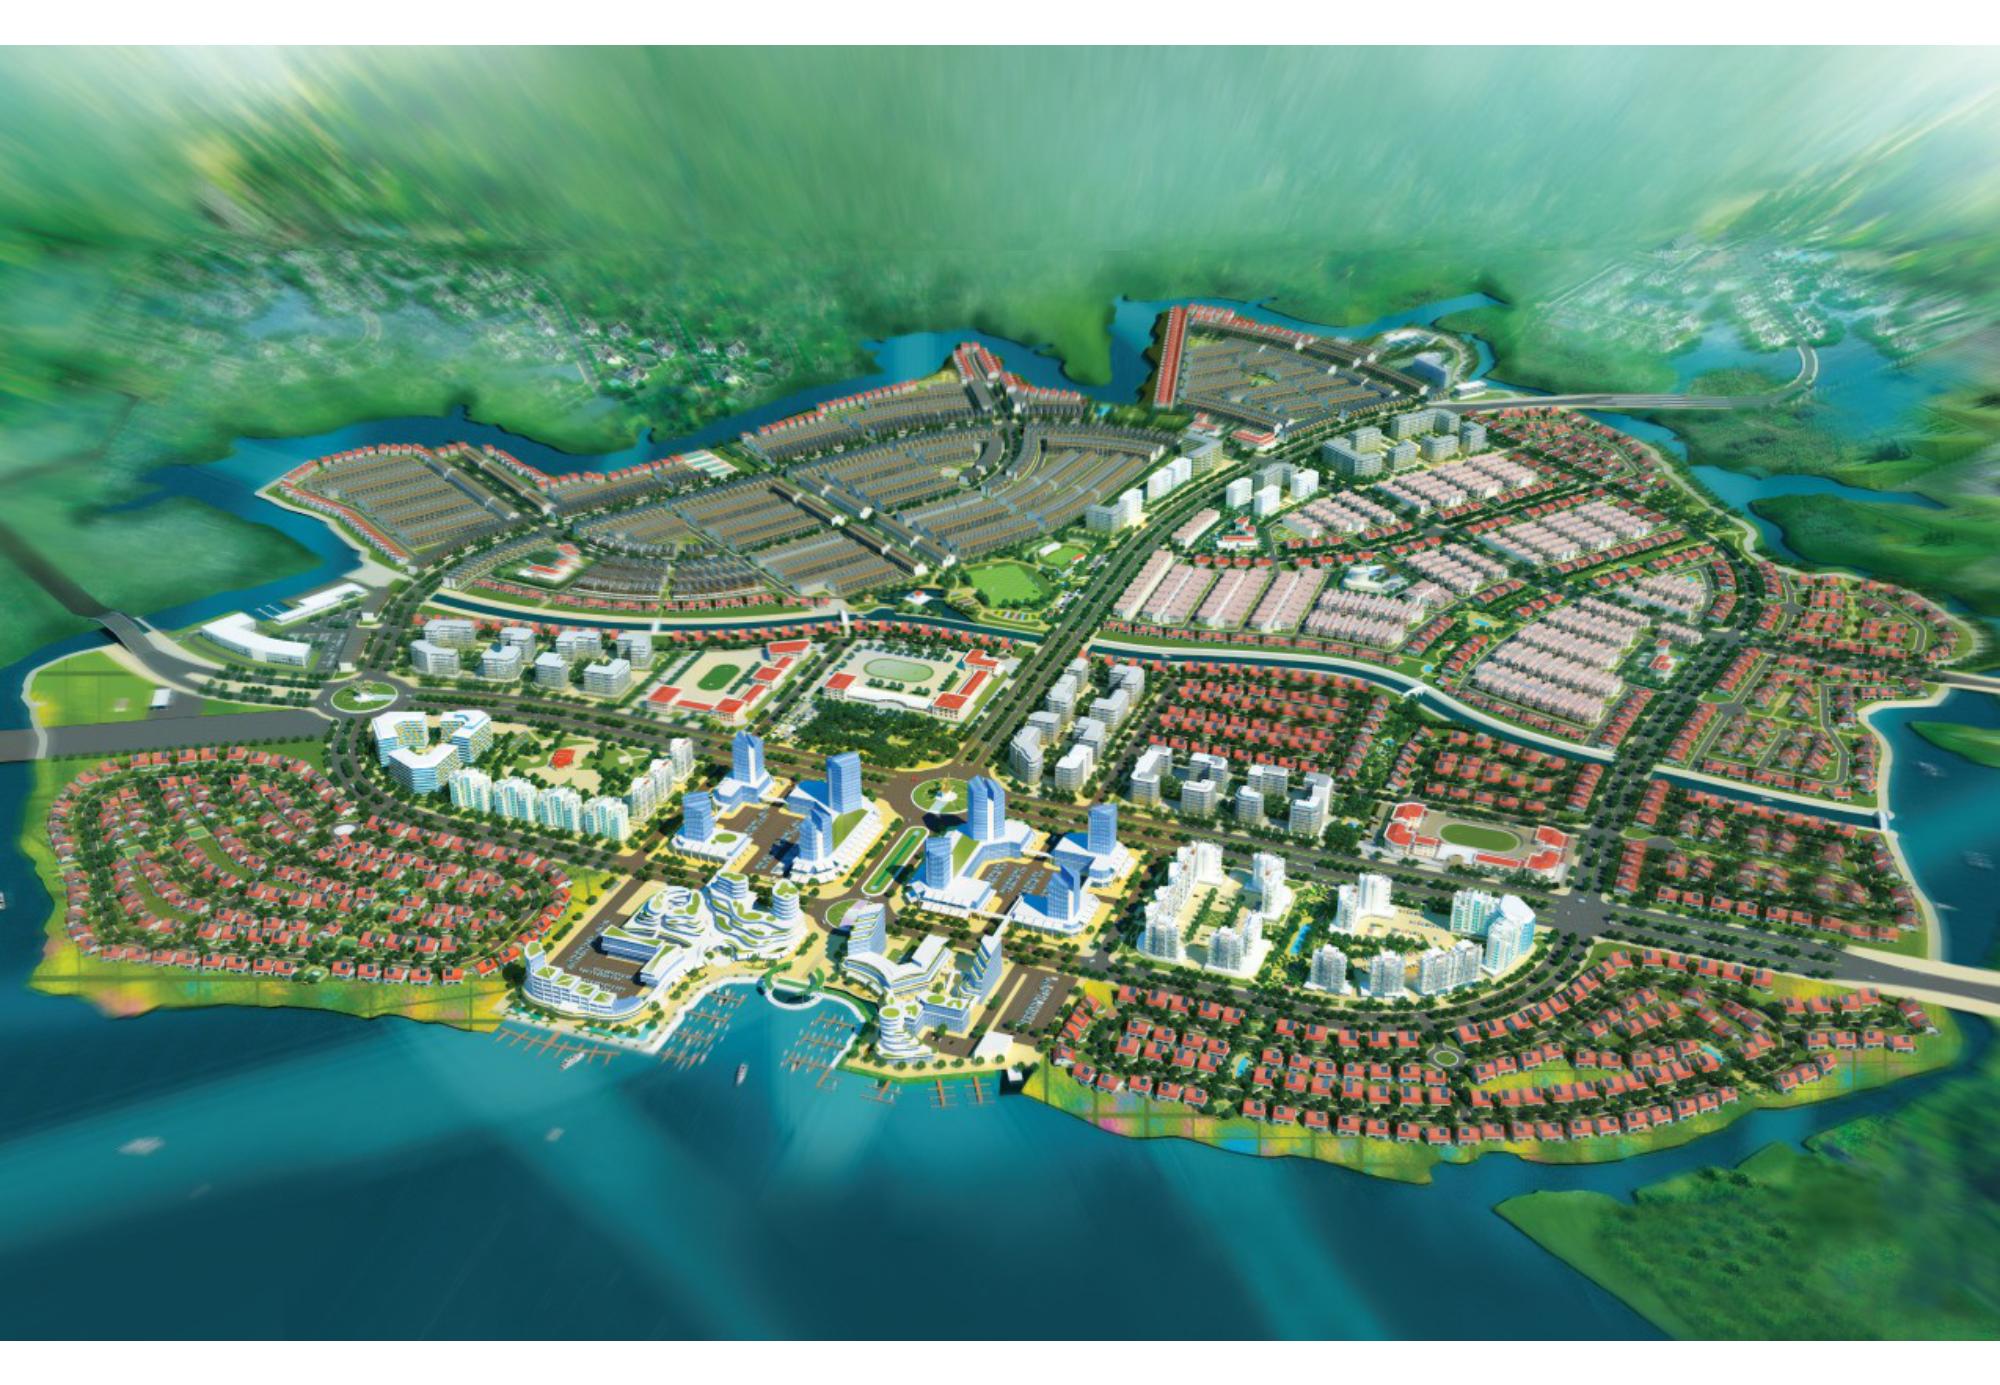 9 thương vụ M&A bất động sản lớn trong năm 2020 - Ảnh 10.